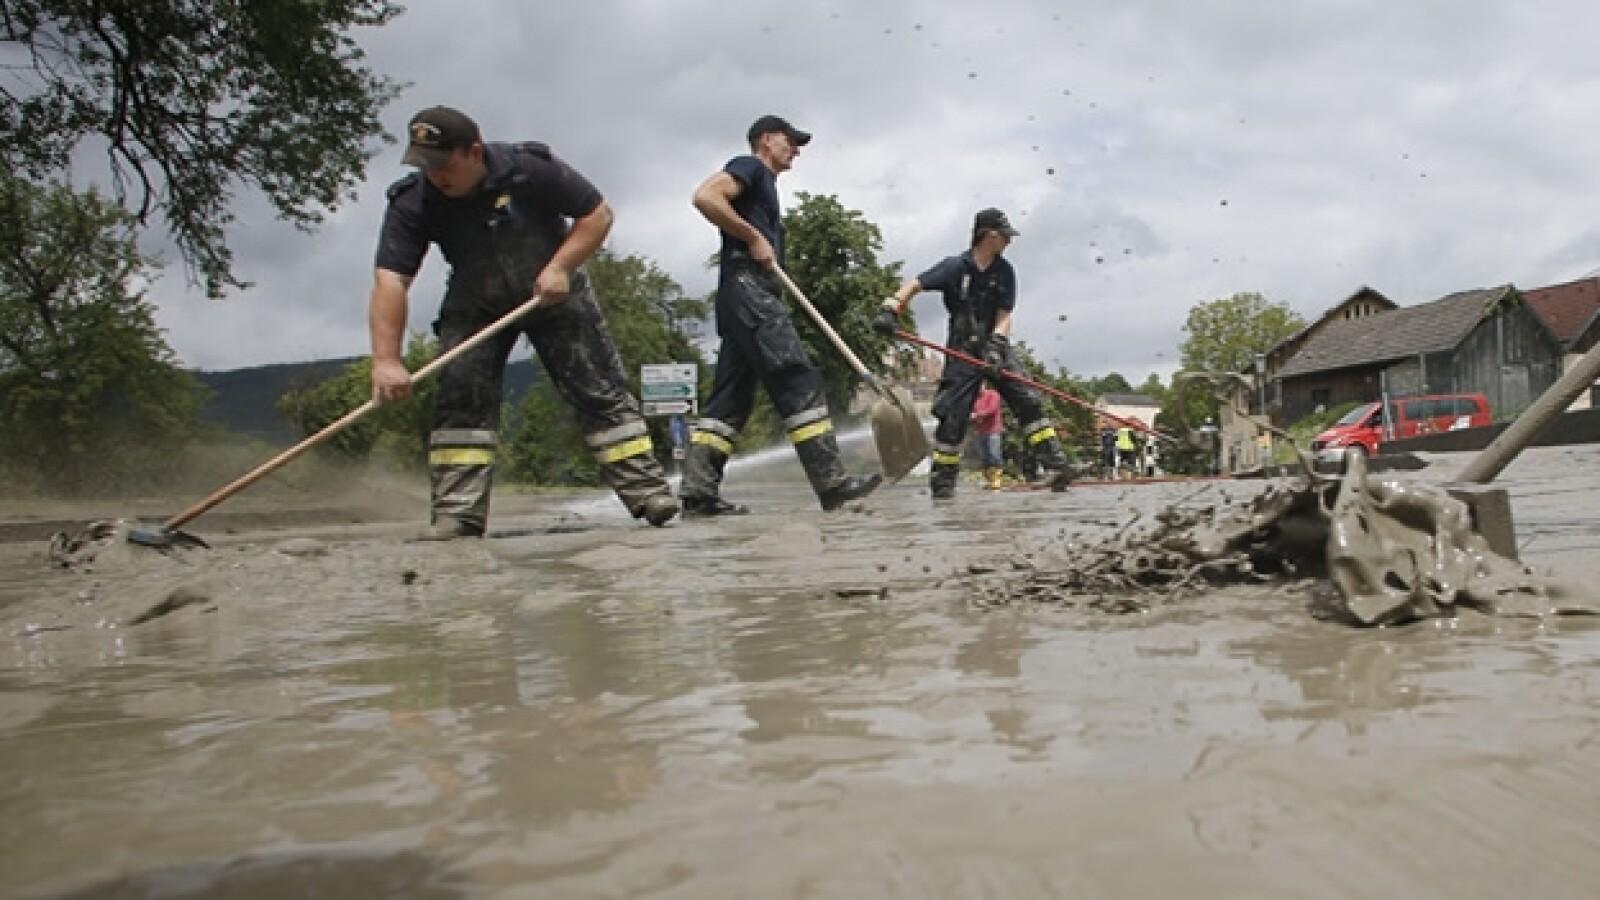 miembros del servicios de emergencias limpian las calles de una ciudad austriaca